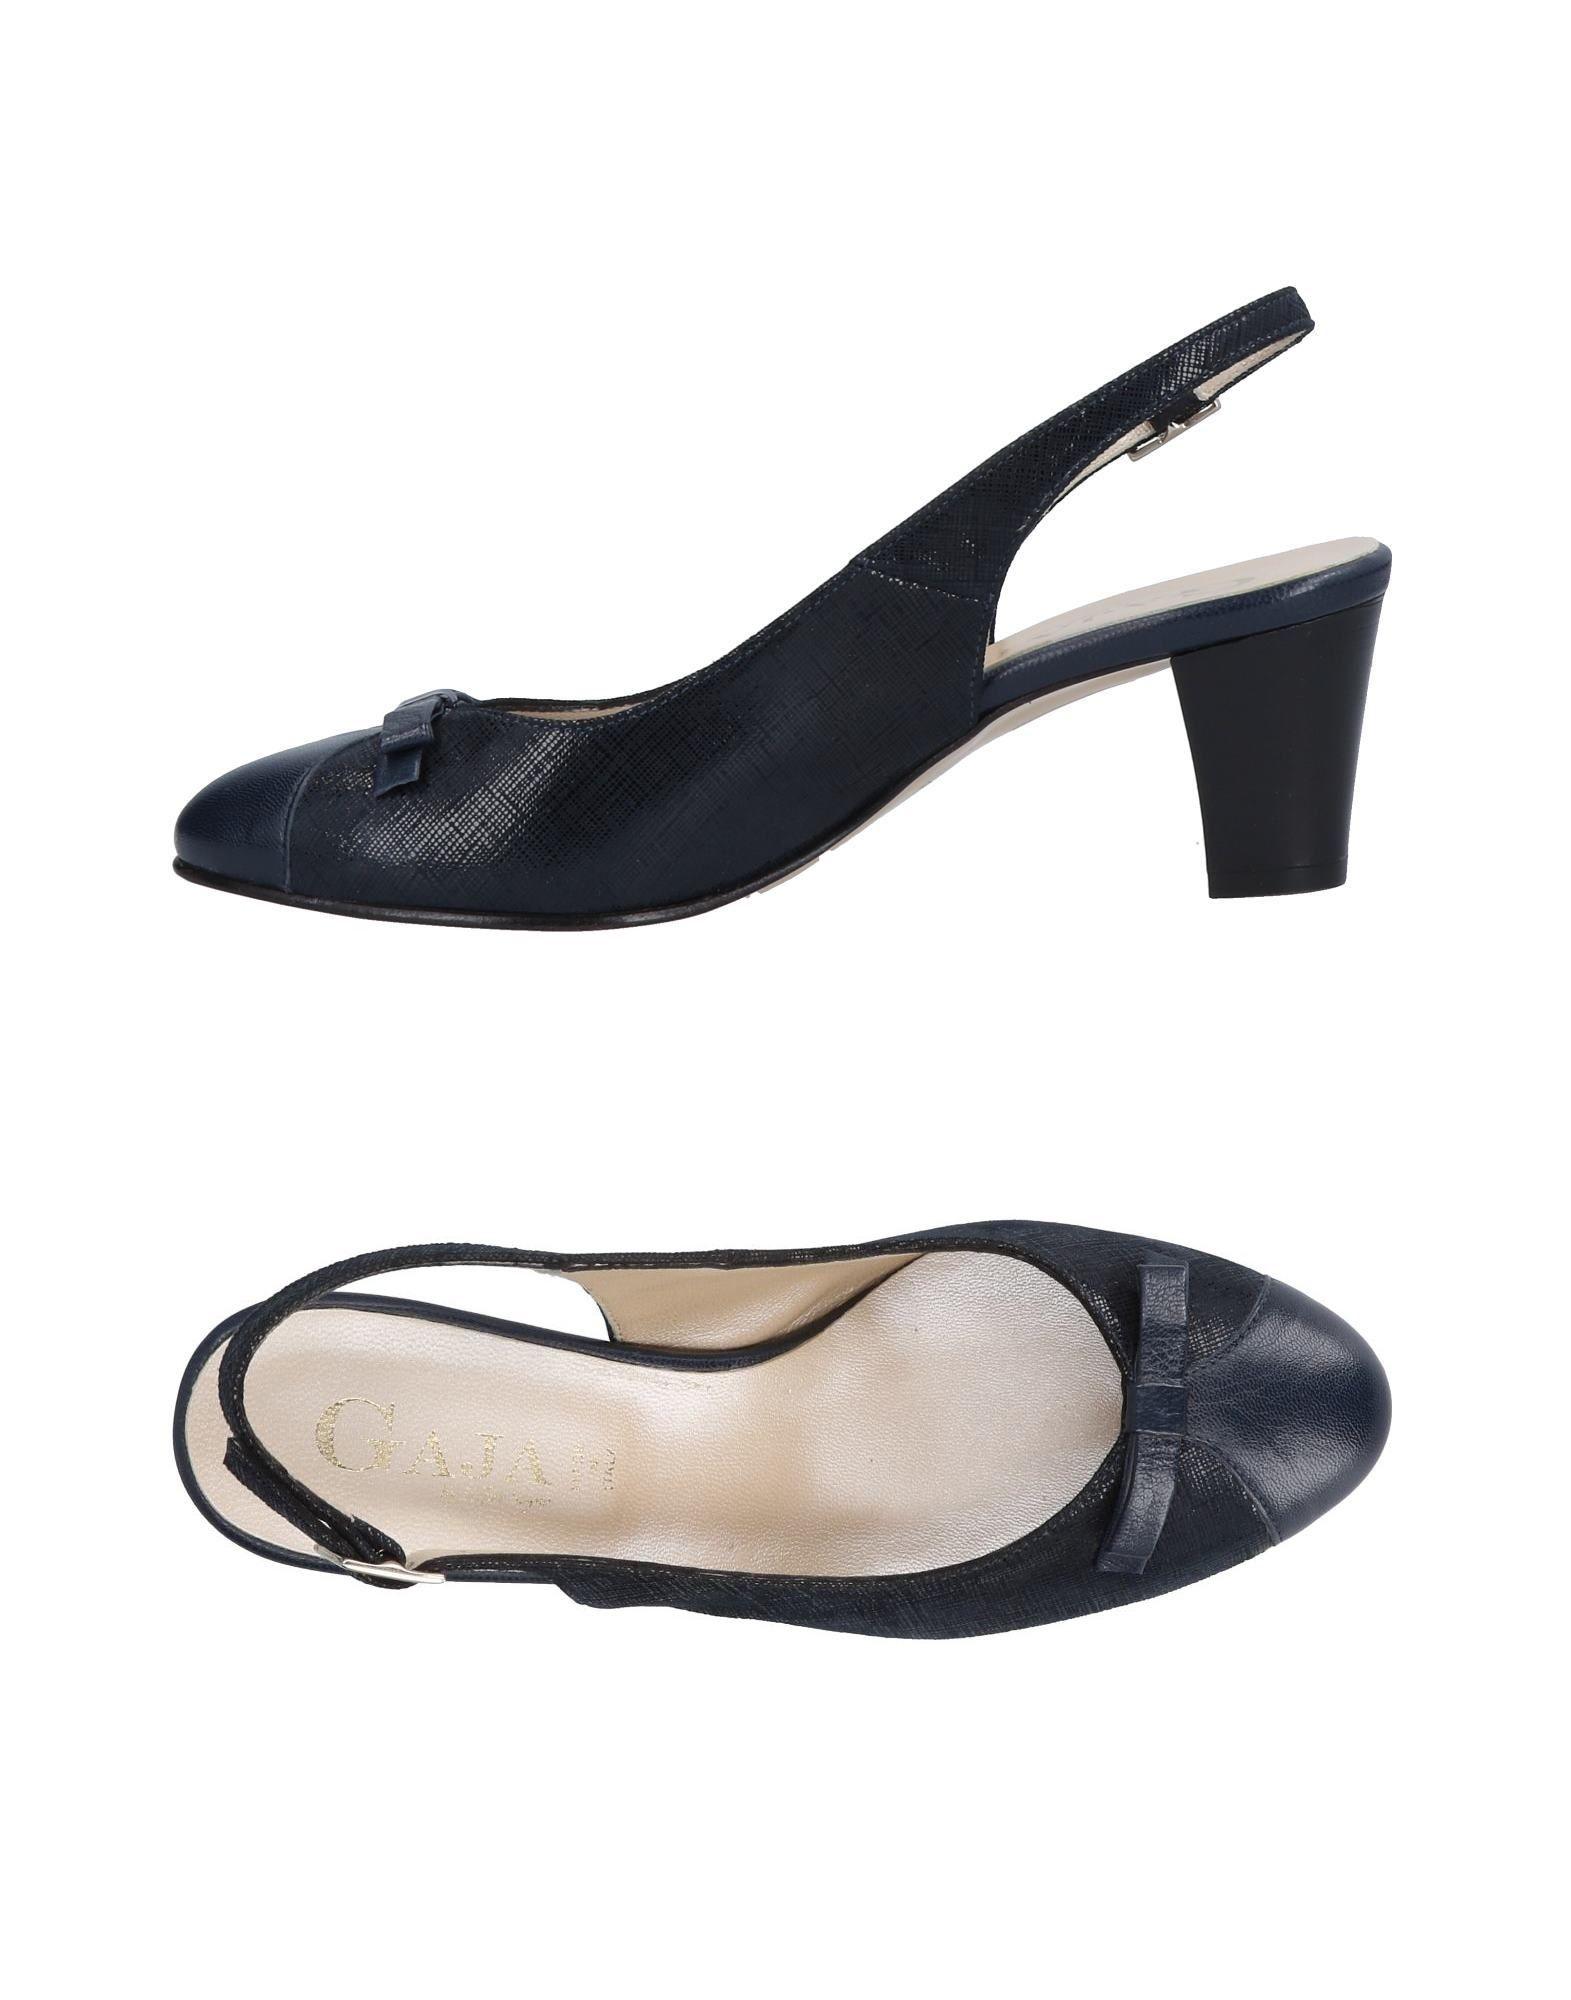 Gaja Di Soffice Sogno Pumps Damen beliebte  11464384RF Gute Qualität beliebte Damen Schuhe 0f19f5